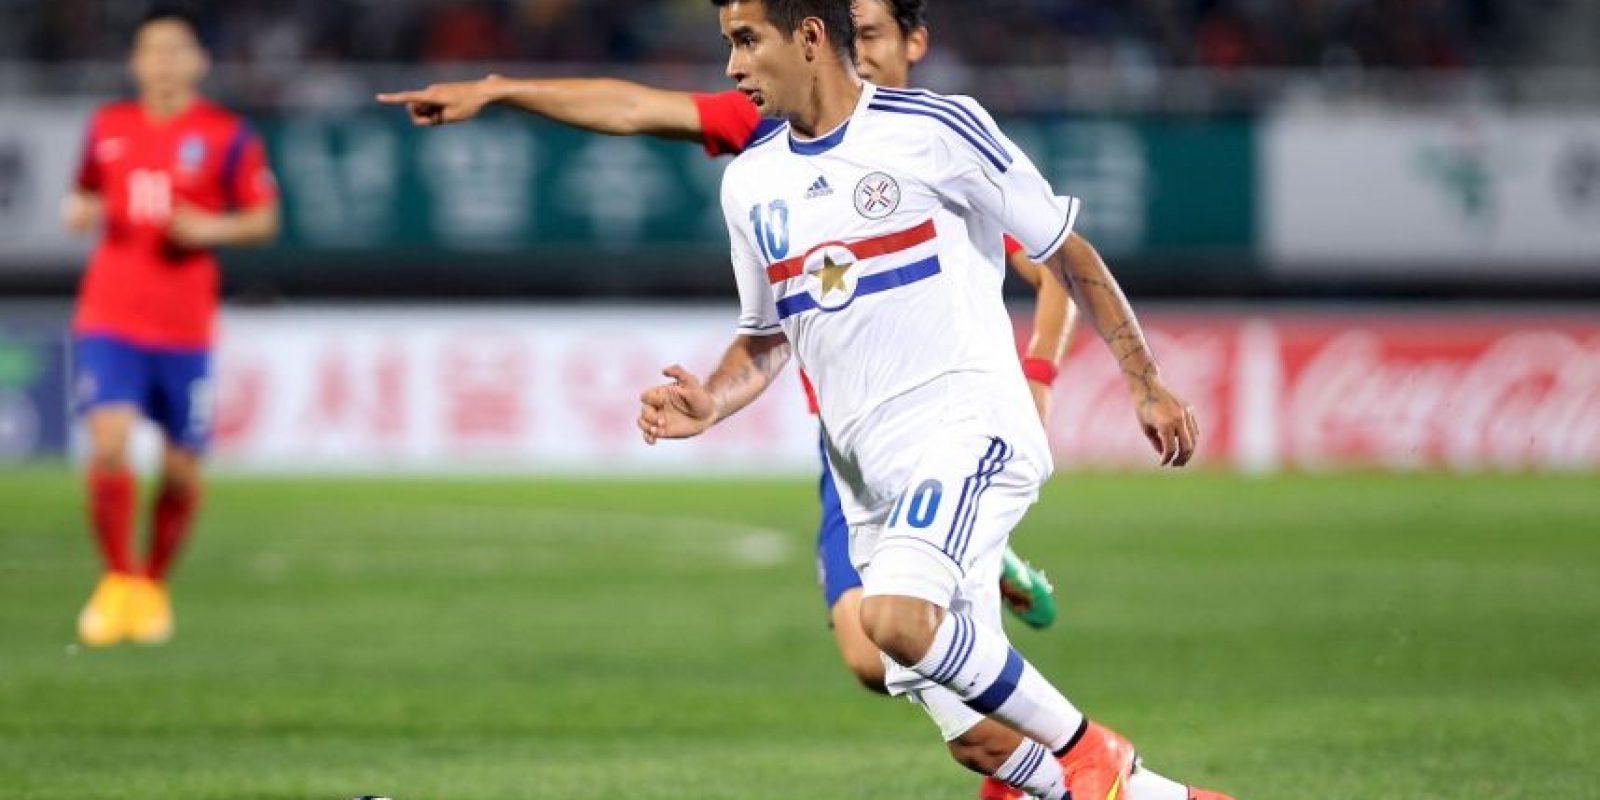 Polifuncional jugador que puede actuar por todo el frente del ataque. A sus 22 años ya registra 20 encuentros por la adulta de Paraguay, en los que ha convertido 3 goles. Es el símbolo de la renovación generacional que tanto urge en Paraguay y que Ramón Díaz desde el banco ha tenido que conducir. A su corta edad ya ha sido parte de seis equipos distintos a nivel profesional: Rubio Ñu (2009/12), Benfica (2012), Guaraní (2013), Olimpia (2014), Basilea (2014/15) y Dinamo Kiev (2015 a la fecha). Llega a la Copa América Centenario tras alcanzar el título de liga en Ucrania. Foto:Getty Images